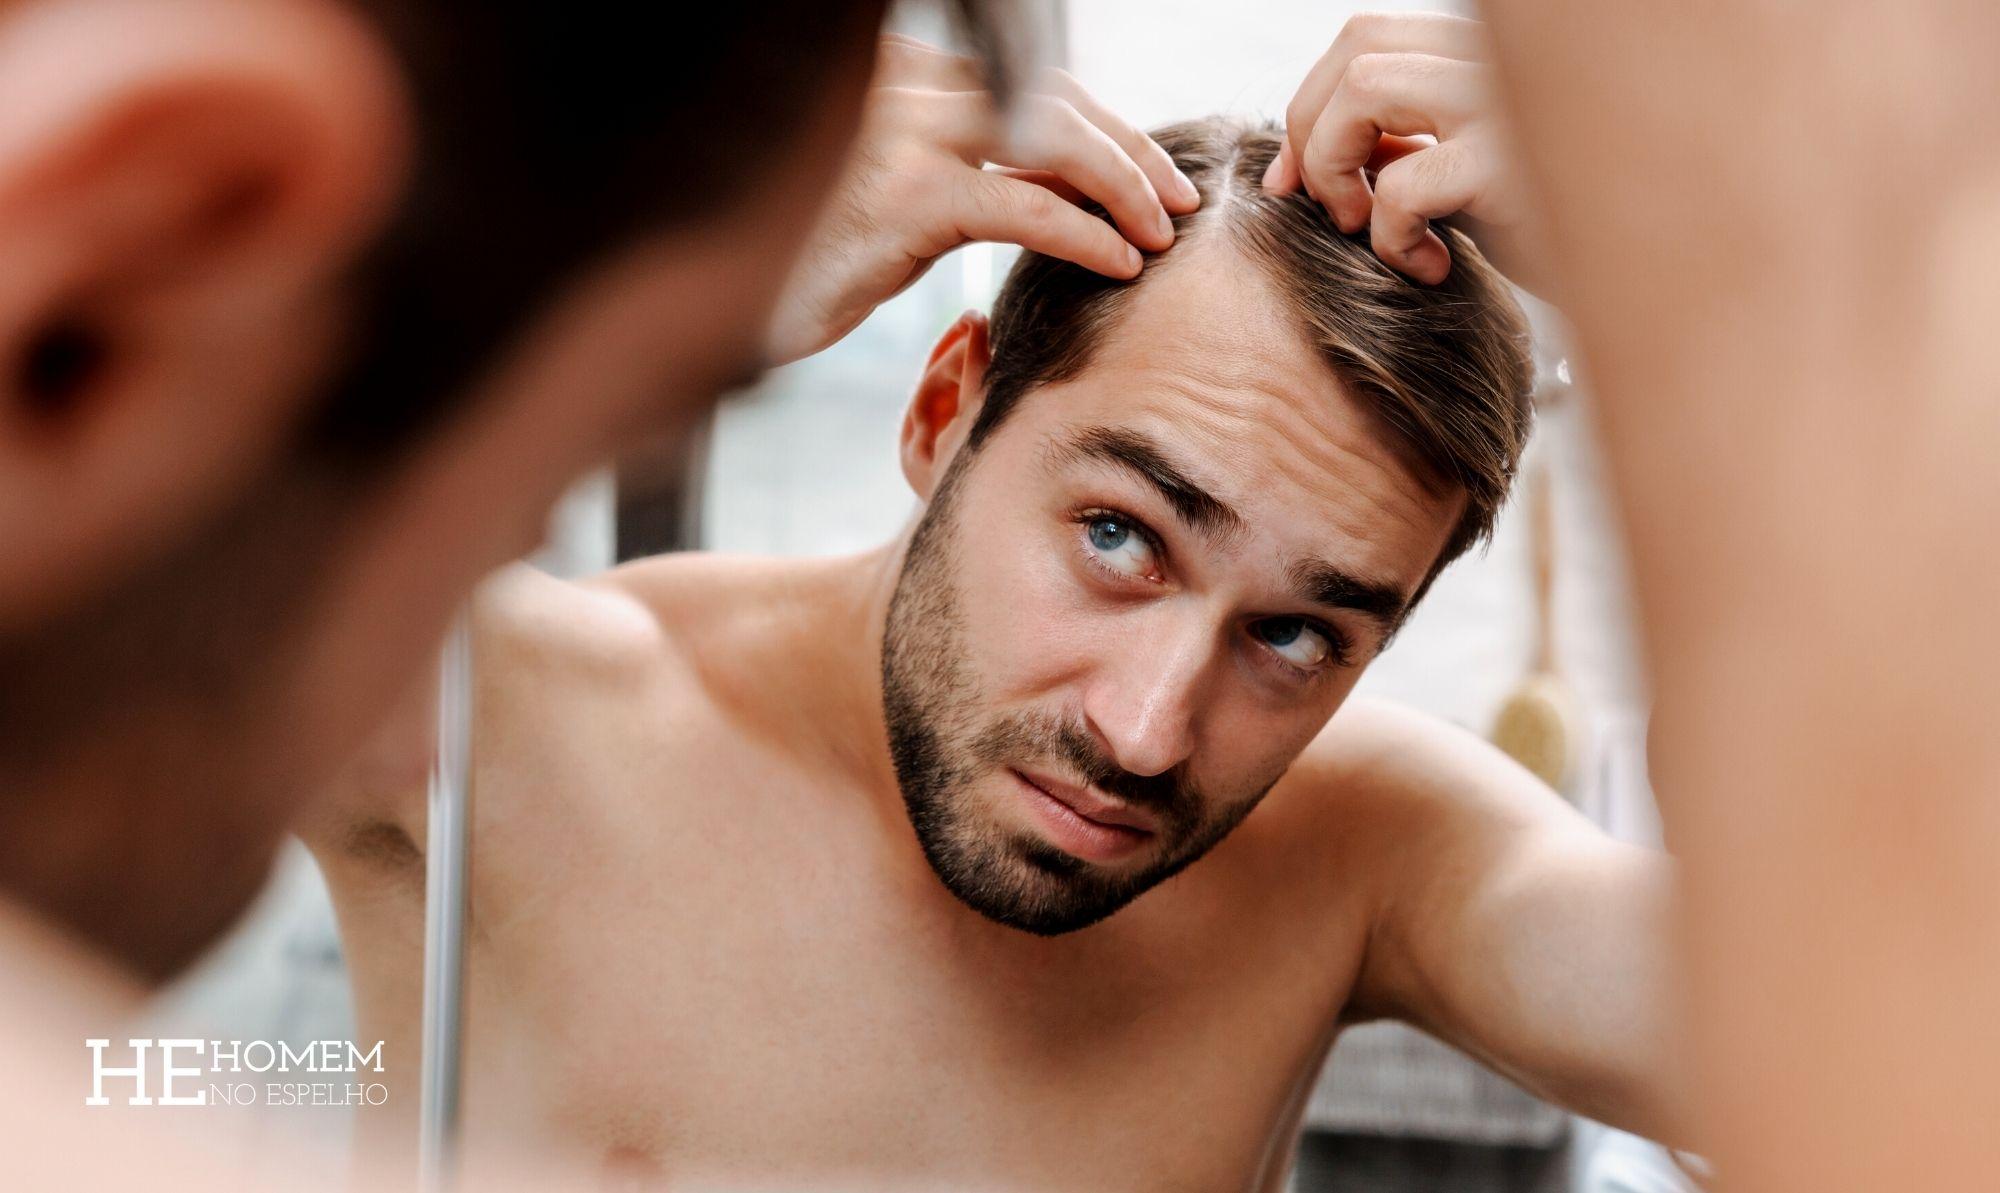 Homem No Espelho - Calvície hereditária tratamento